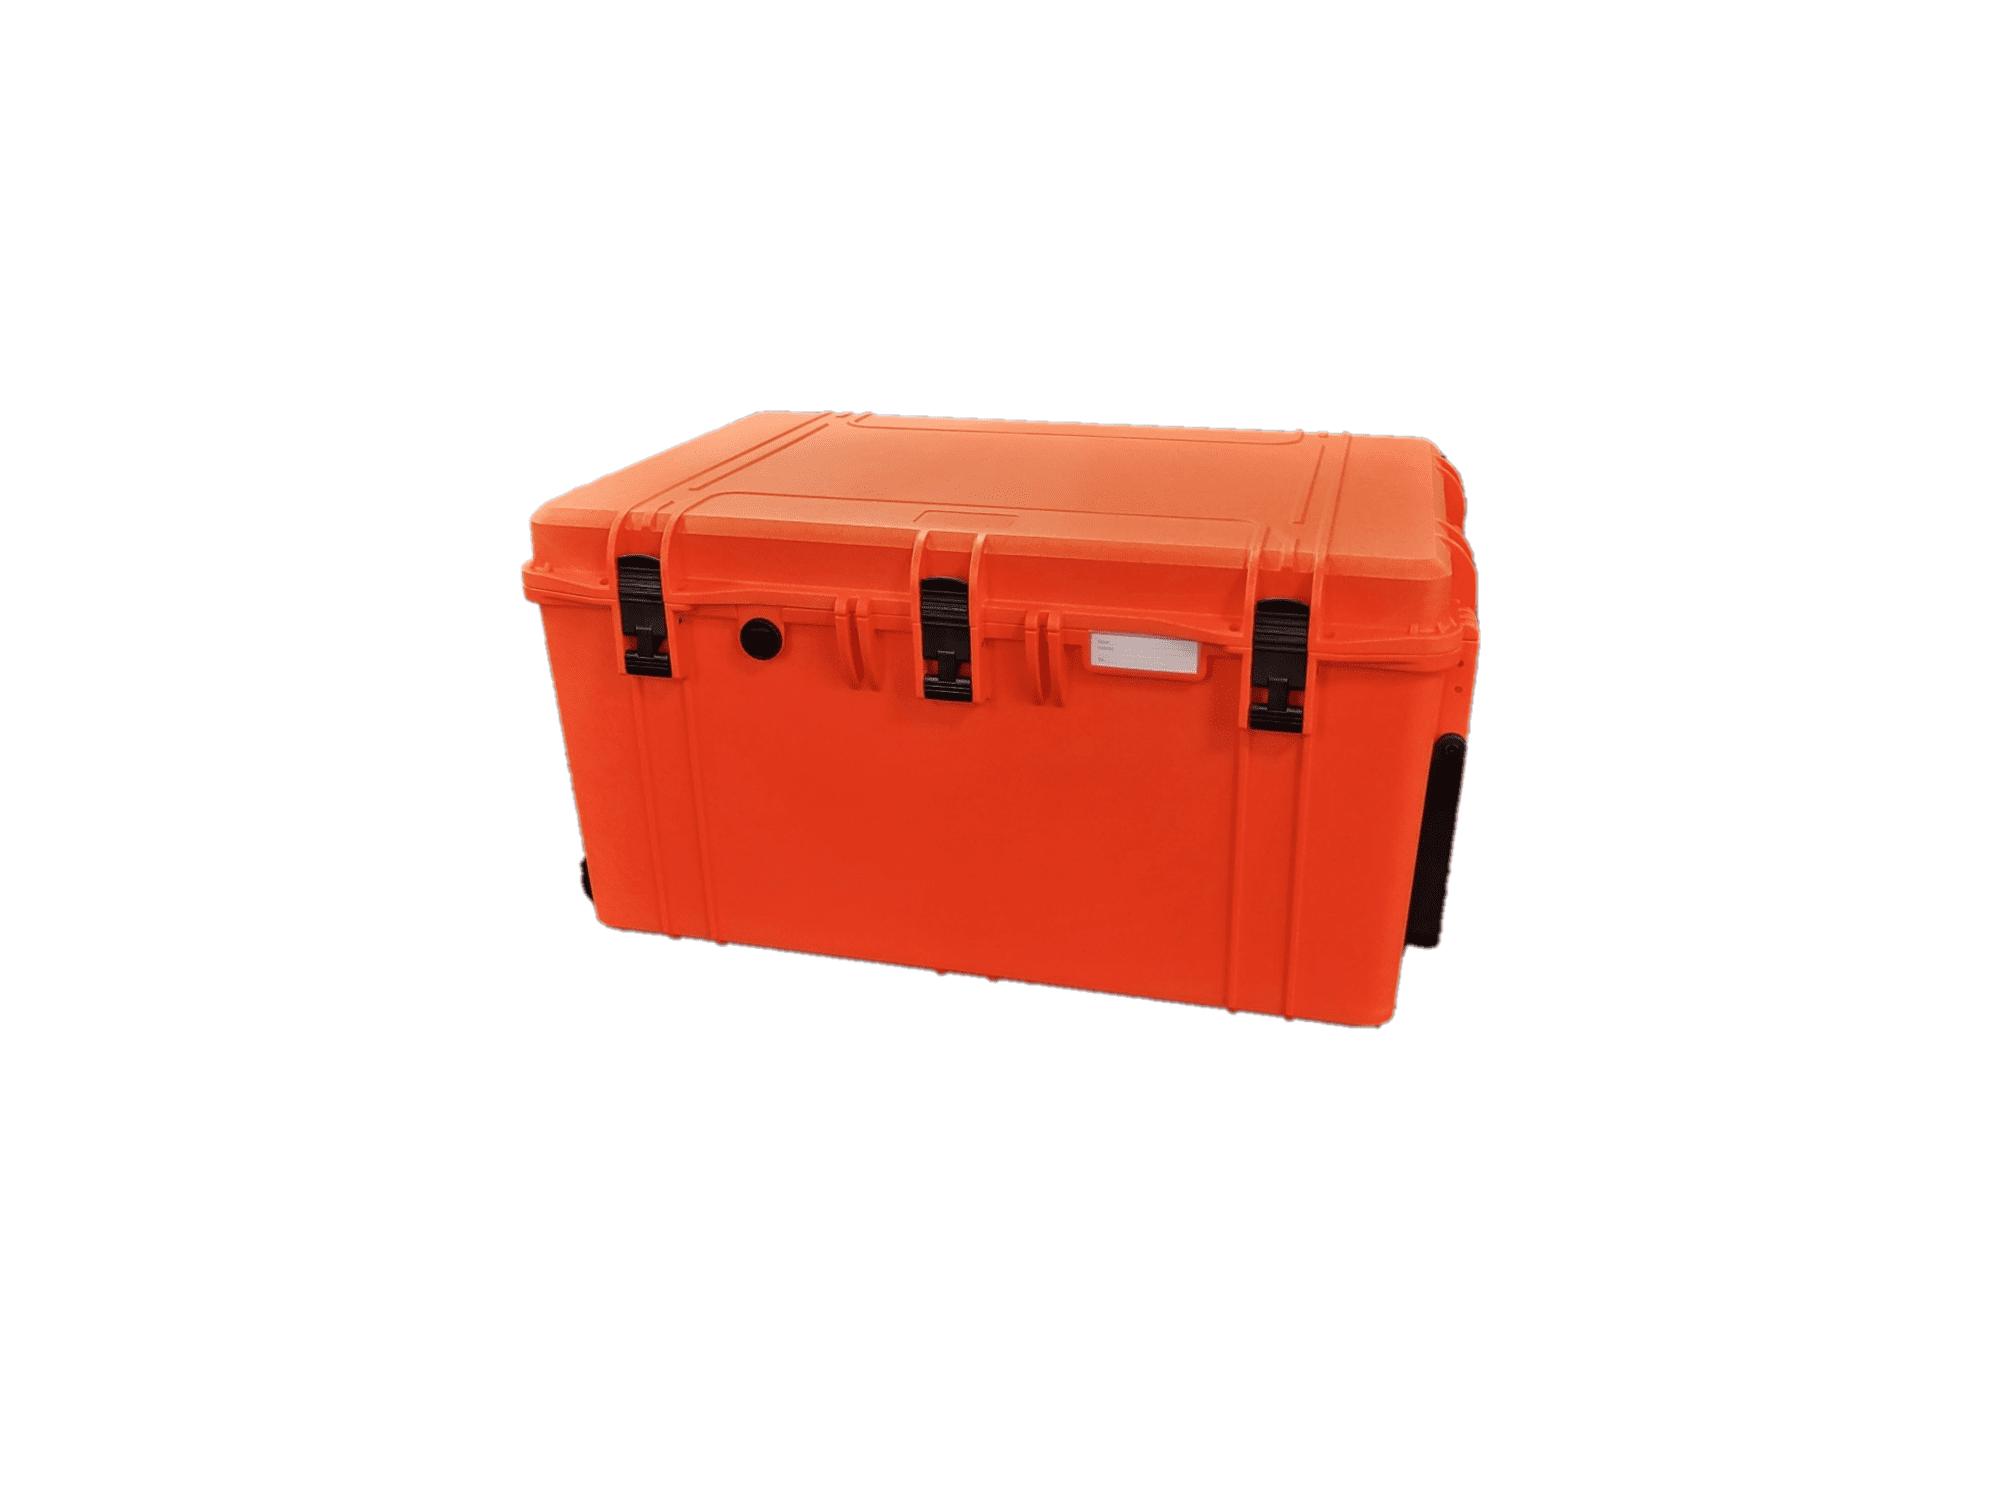 MAX750H400 Tough IP67 Rated Case – Orange